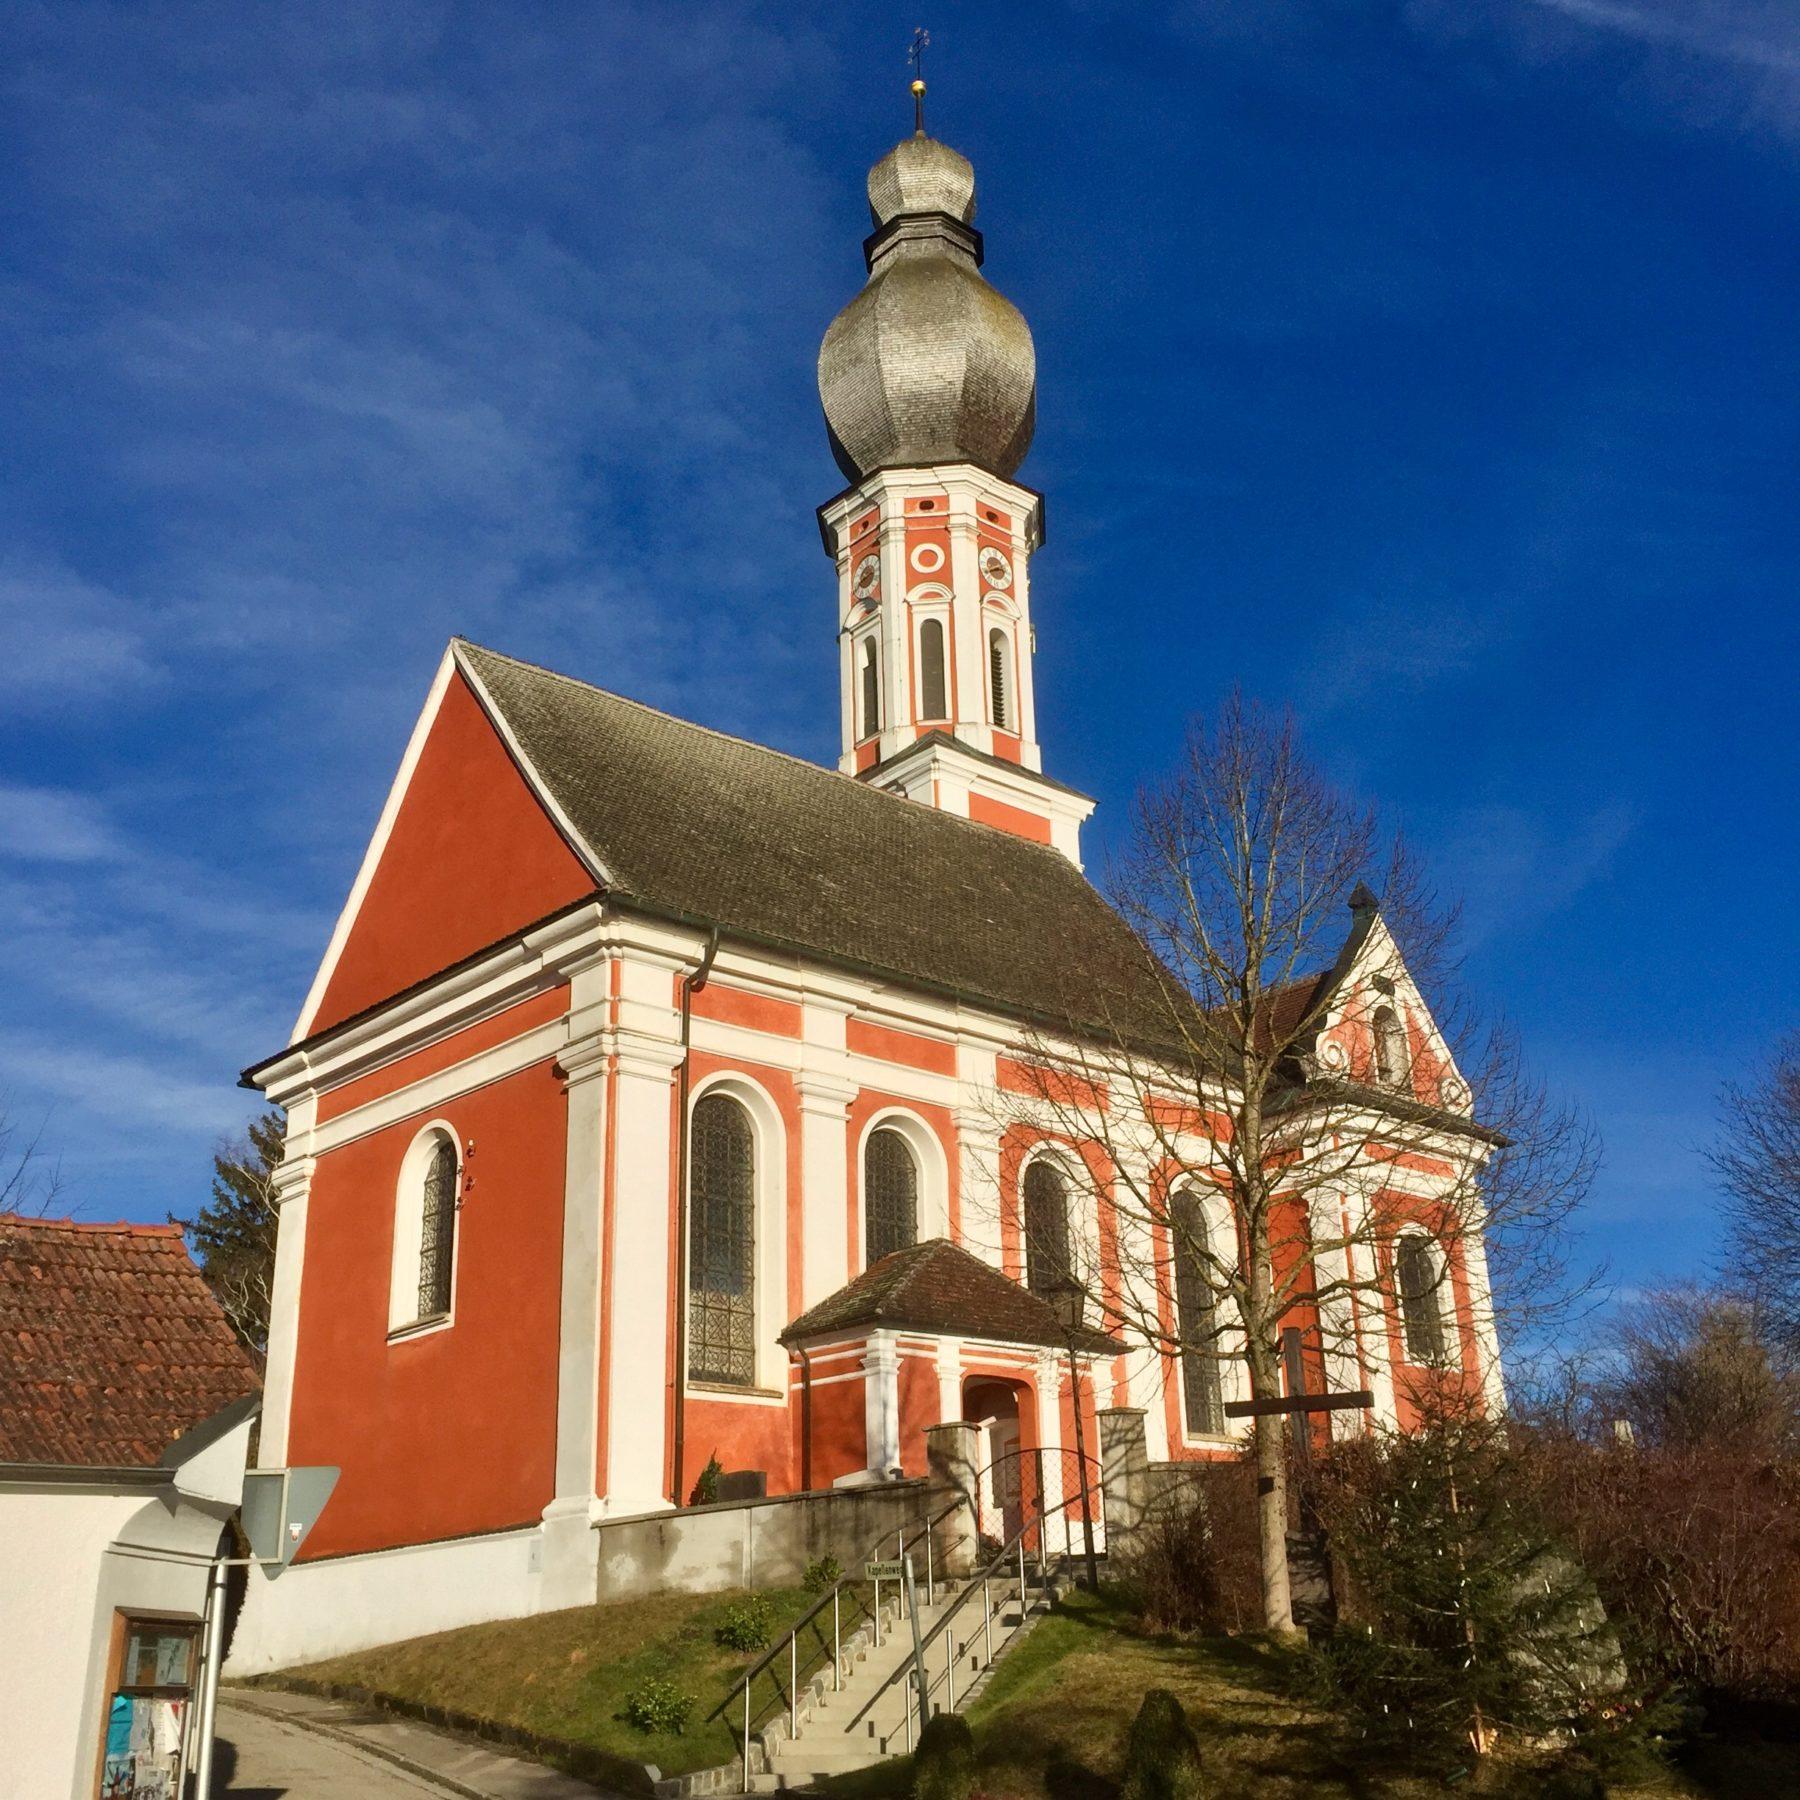 Hechenwang Kirche - am 06.01.2018